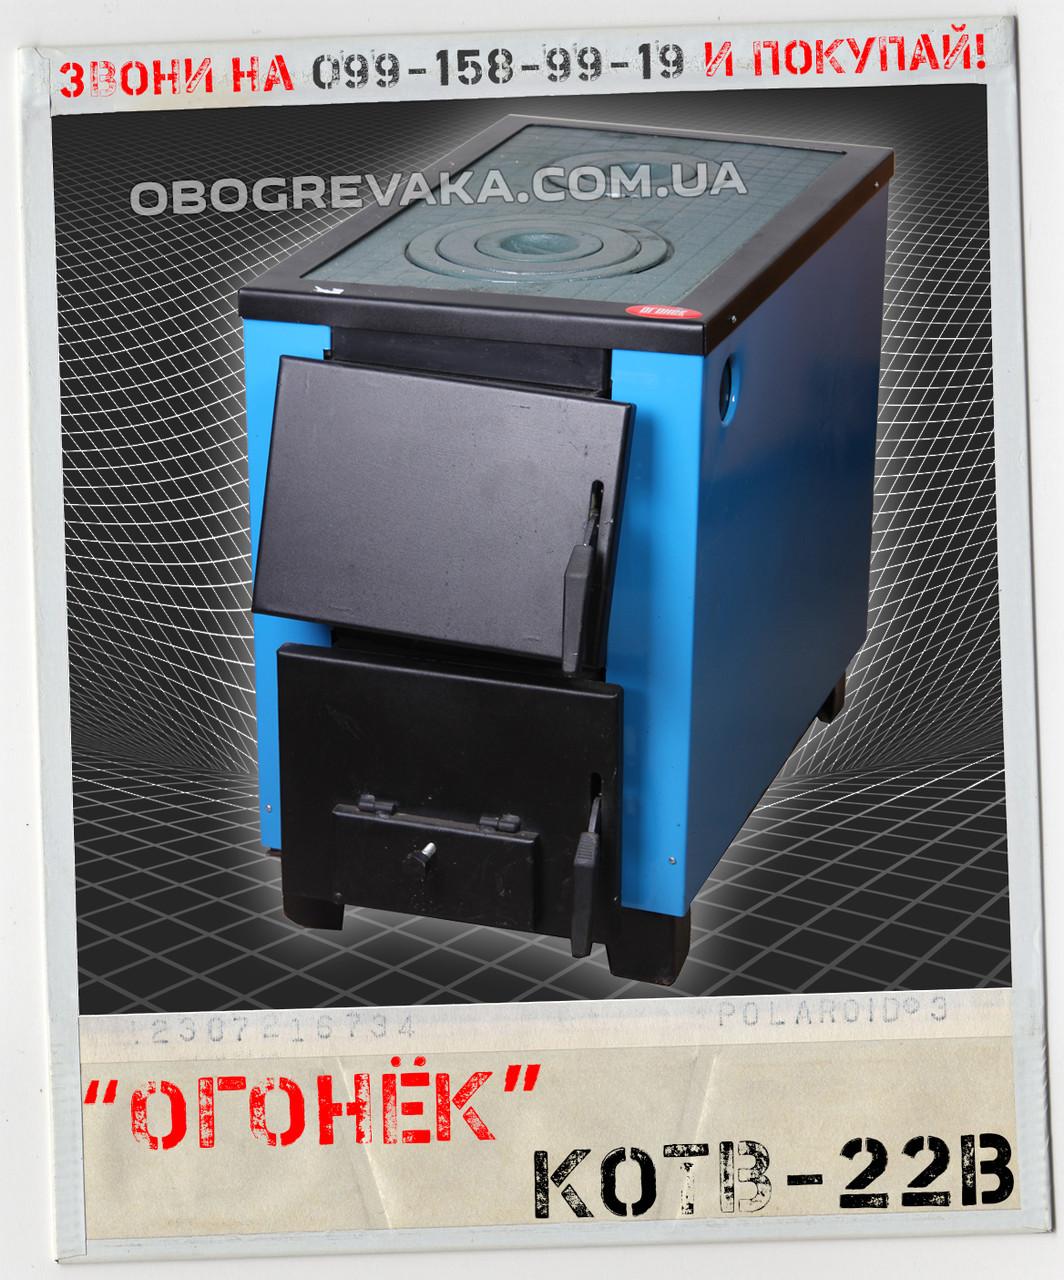 КОТВ-22ПВ твердотопливный котел Огонек, фото 1